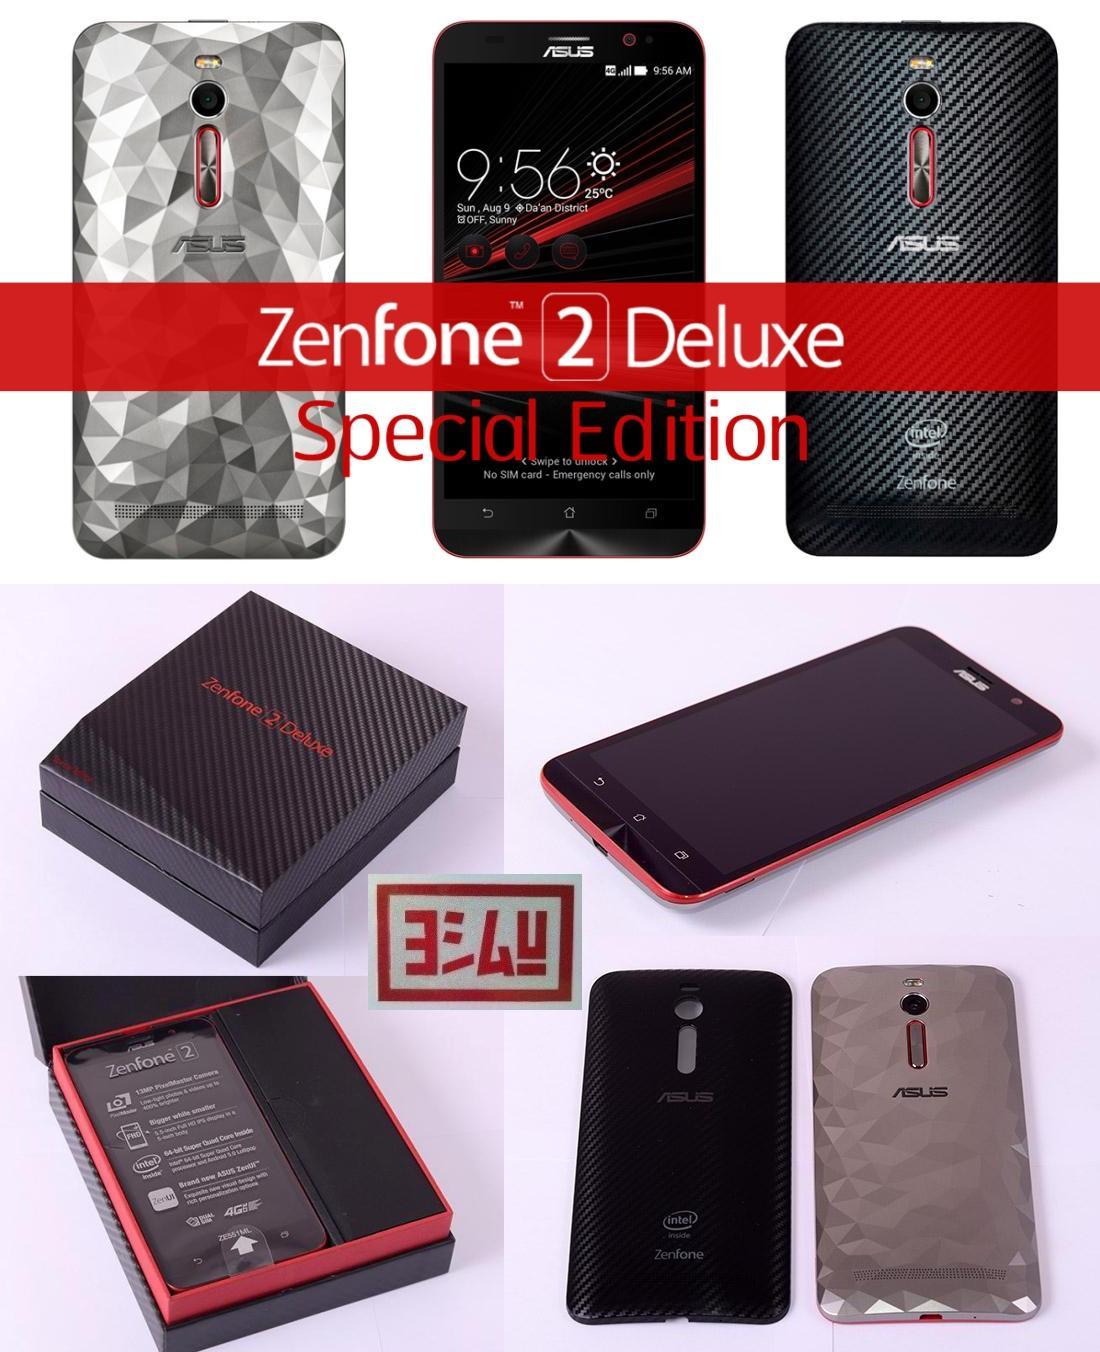 Jual Asus Zenfone 2 Deluxe ZE551ML Special Edition Gt RAM